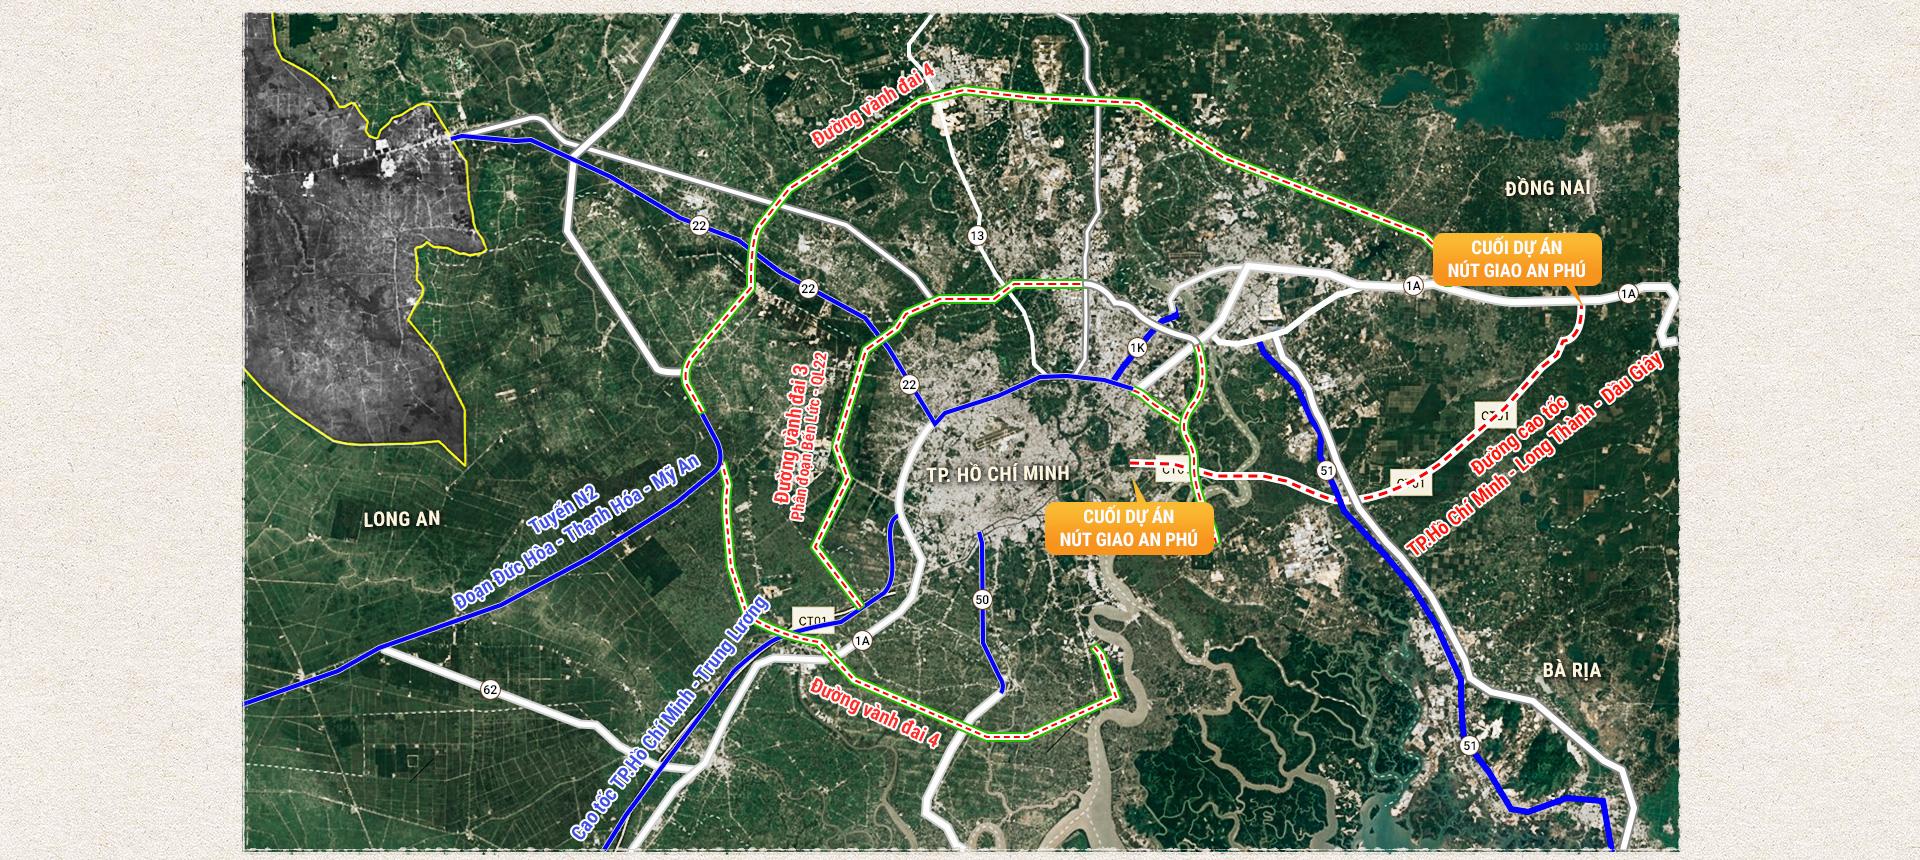 Kỳ 4: Các tuyến cao tốc phía Nam và TP.HCM kết nối các tỉnh phía Đông - Ảnh 2.